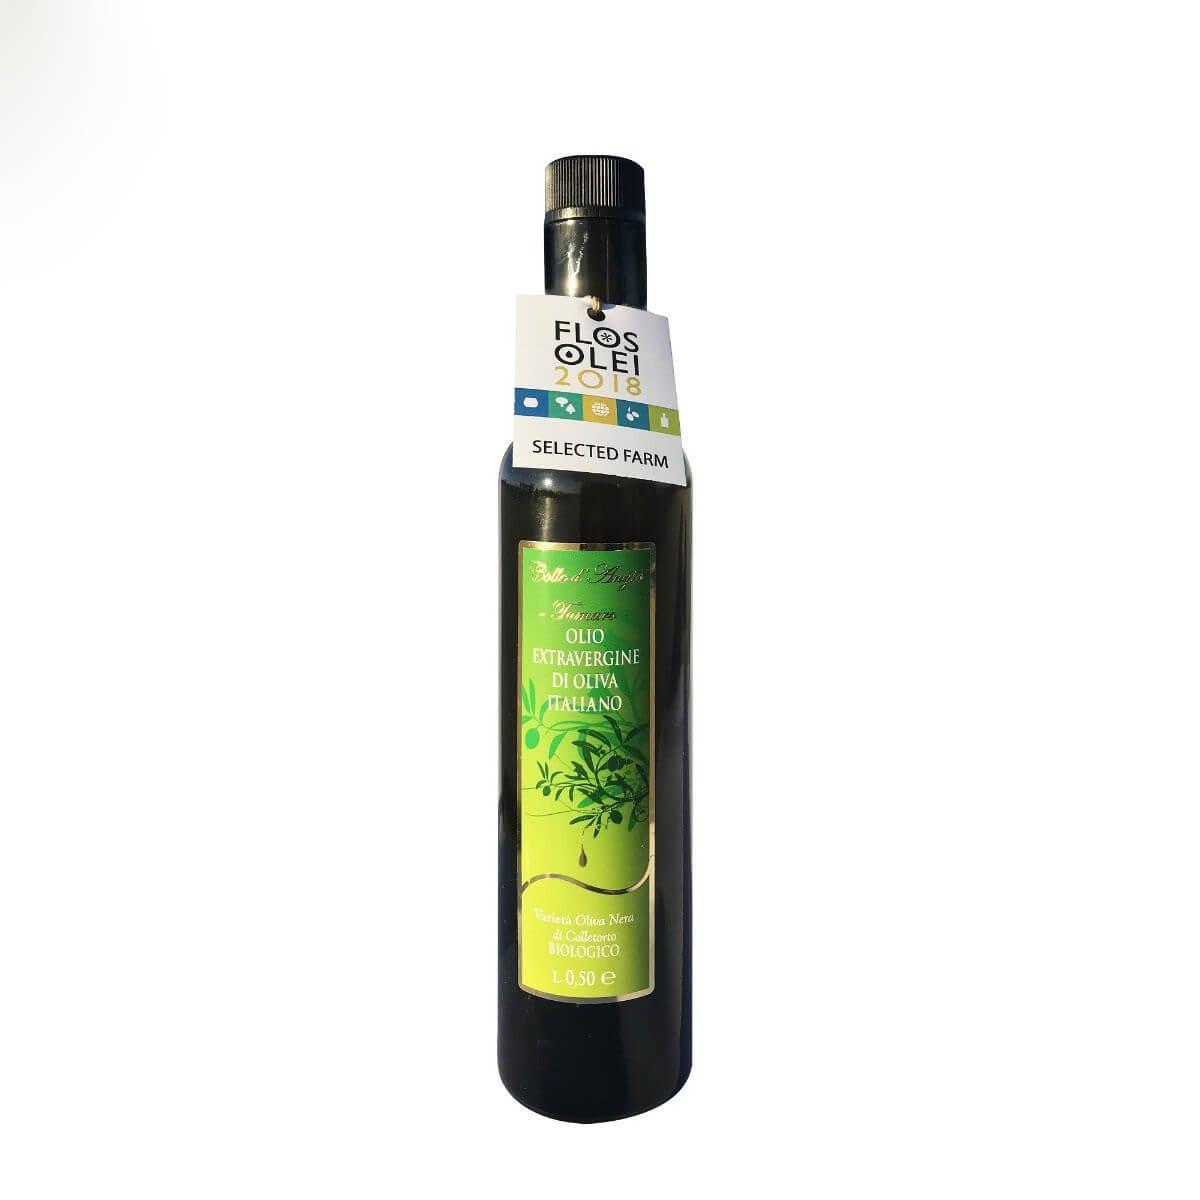 Olio extravergine di oliva Colle d'Angiò